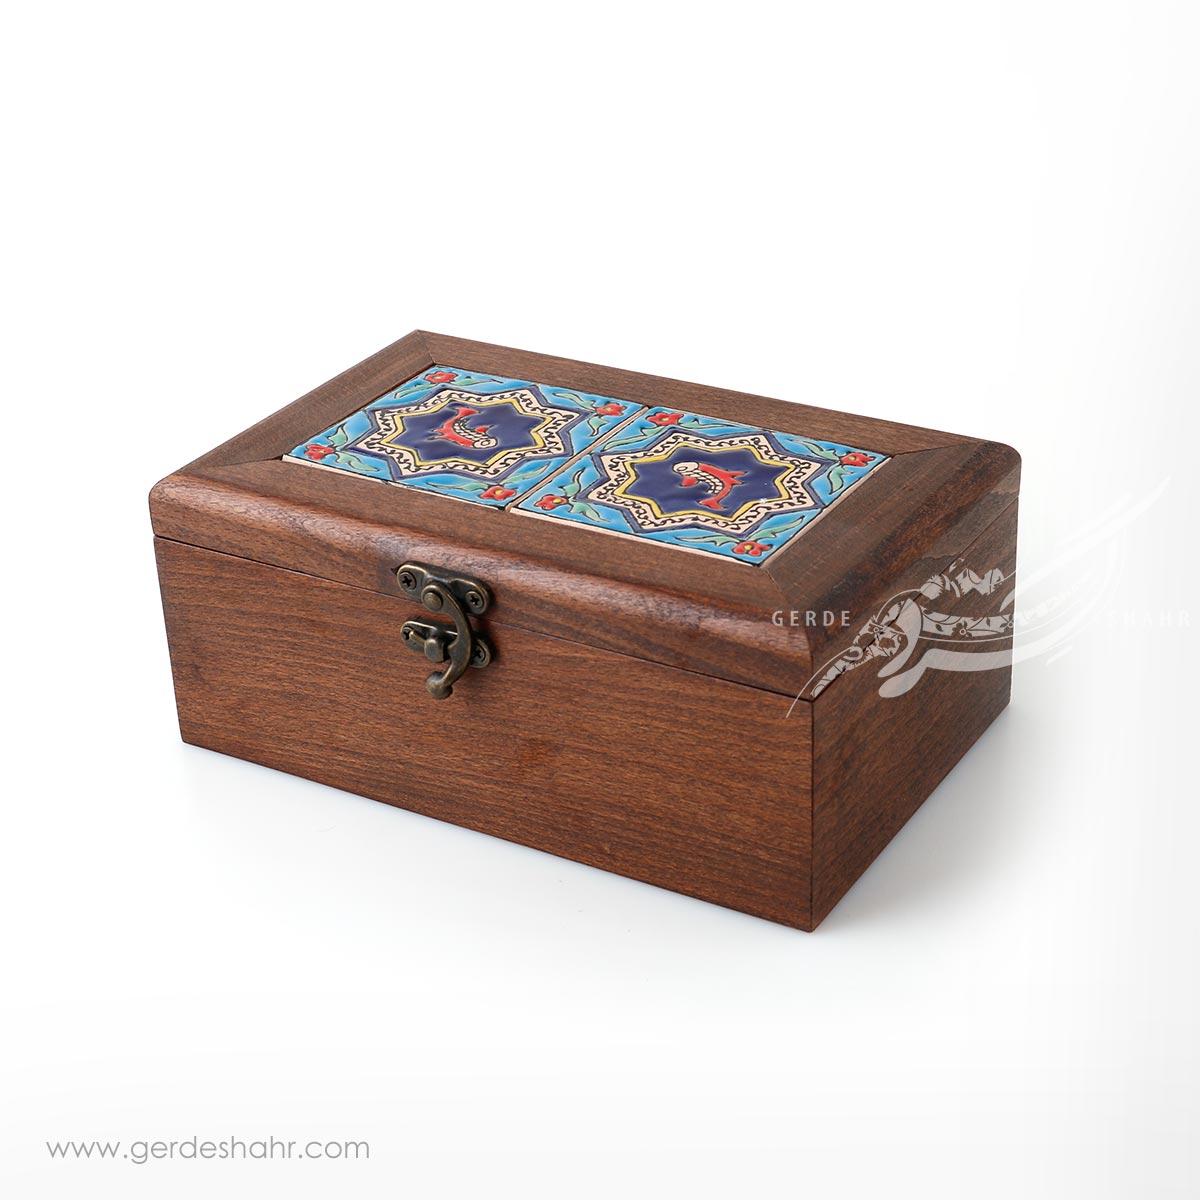 جعبه چوبی کاشی طرح 5 کیمیاگر محصولات